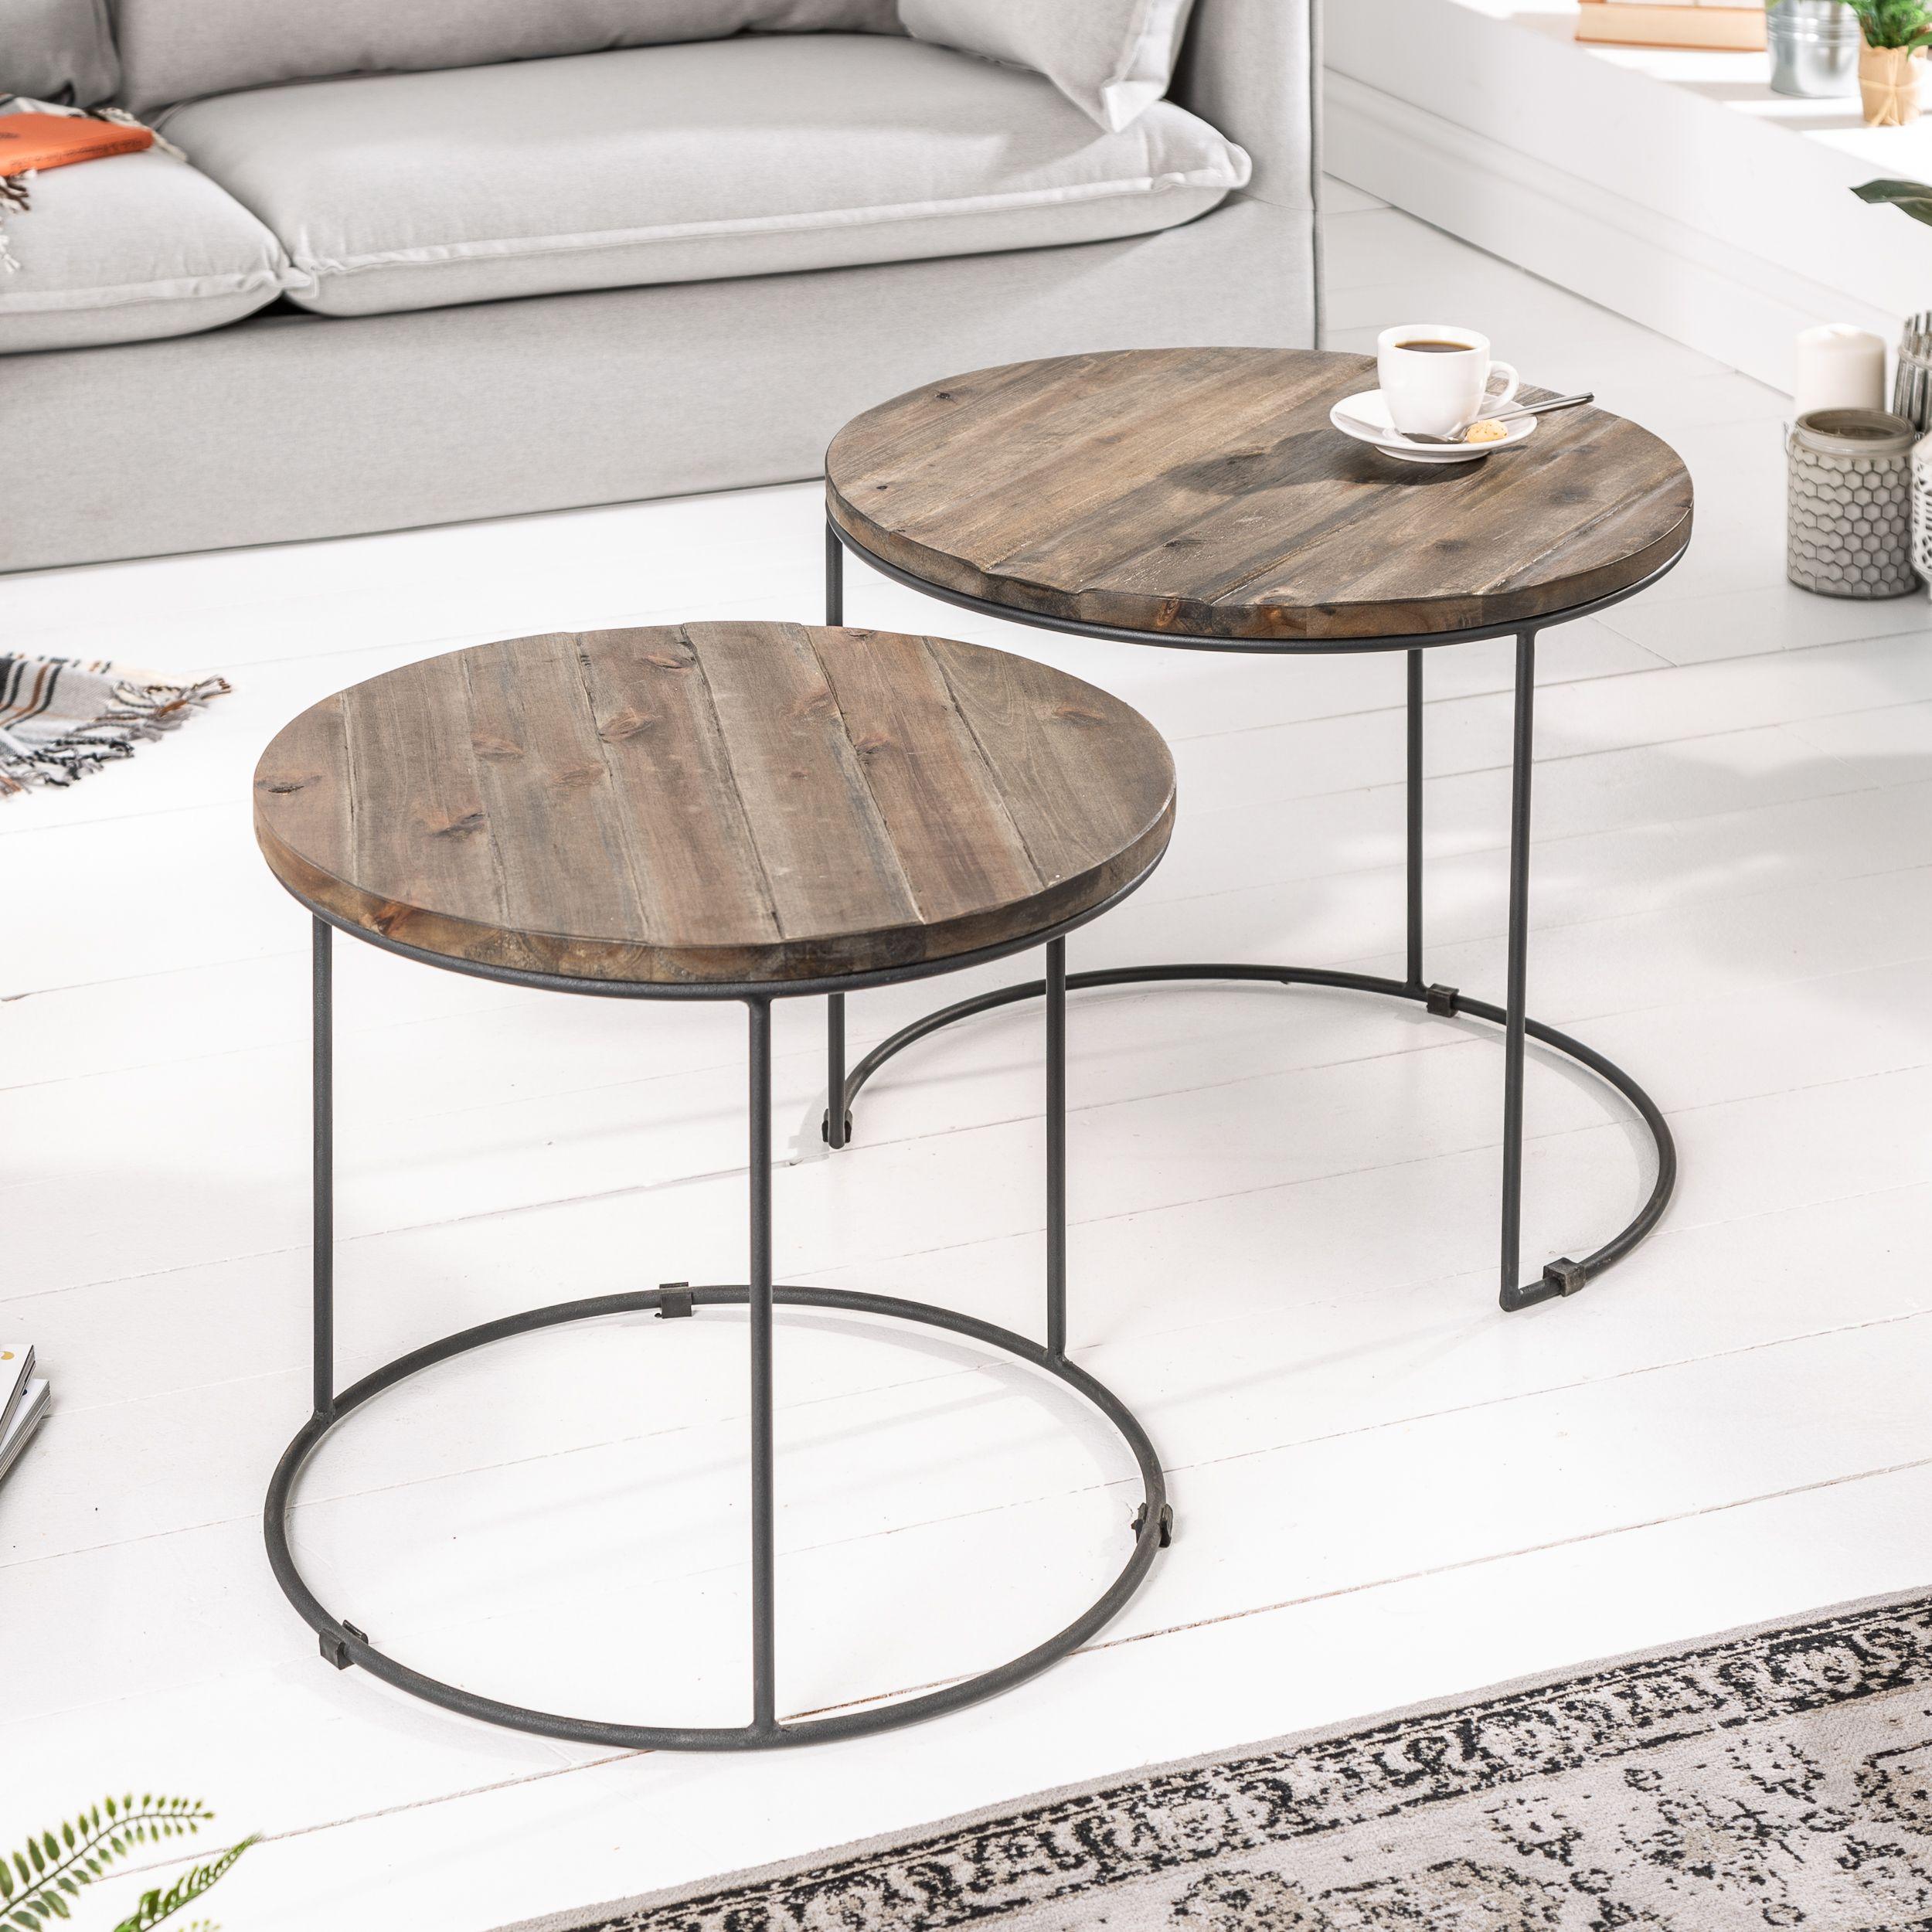 2er Set Beistelltische 50cm Akazie Riess Ambiente De Beistelltische Couchtische Tischplatte Rund